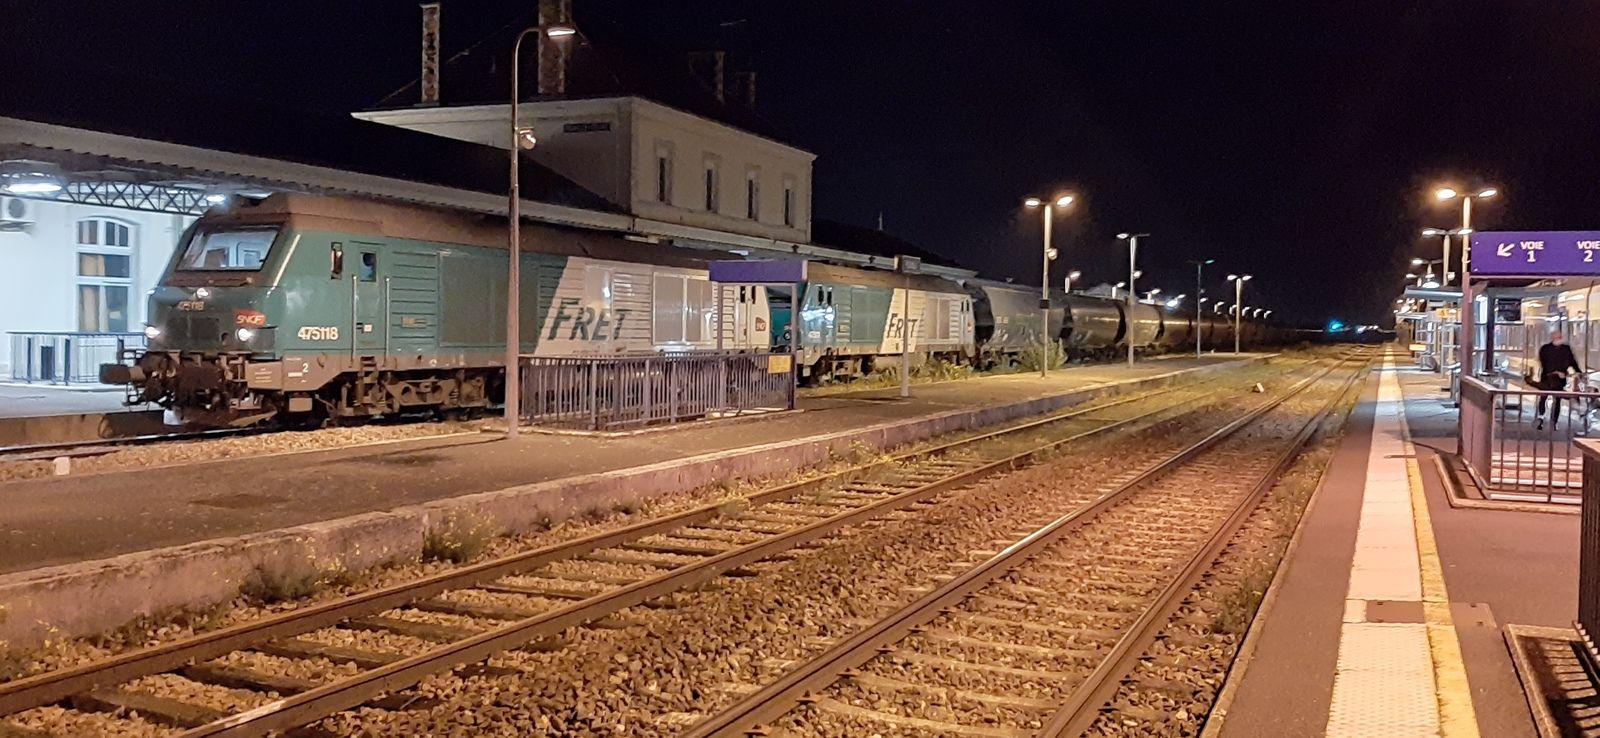 Deux BB 75000, accompagnées d'une rame de wagons céréaliers TransCéréales, en stationnement en gare de Romilly le jeudi 5 novembre au soir